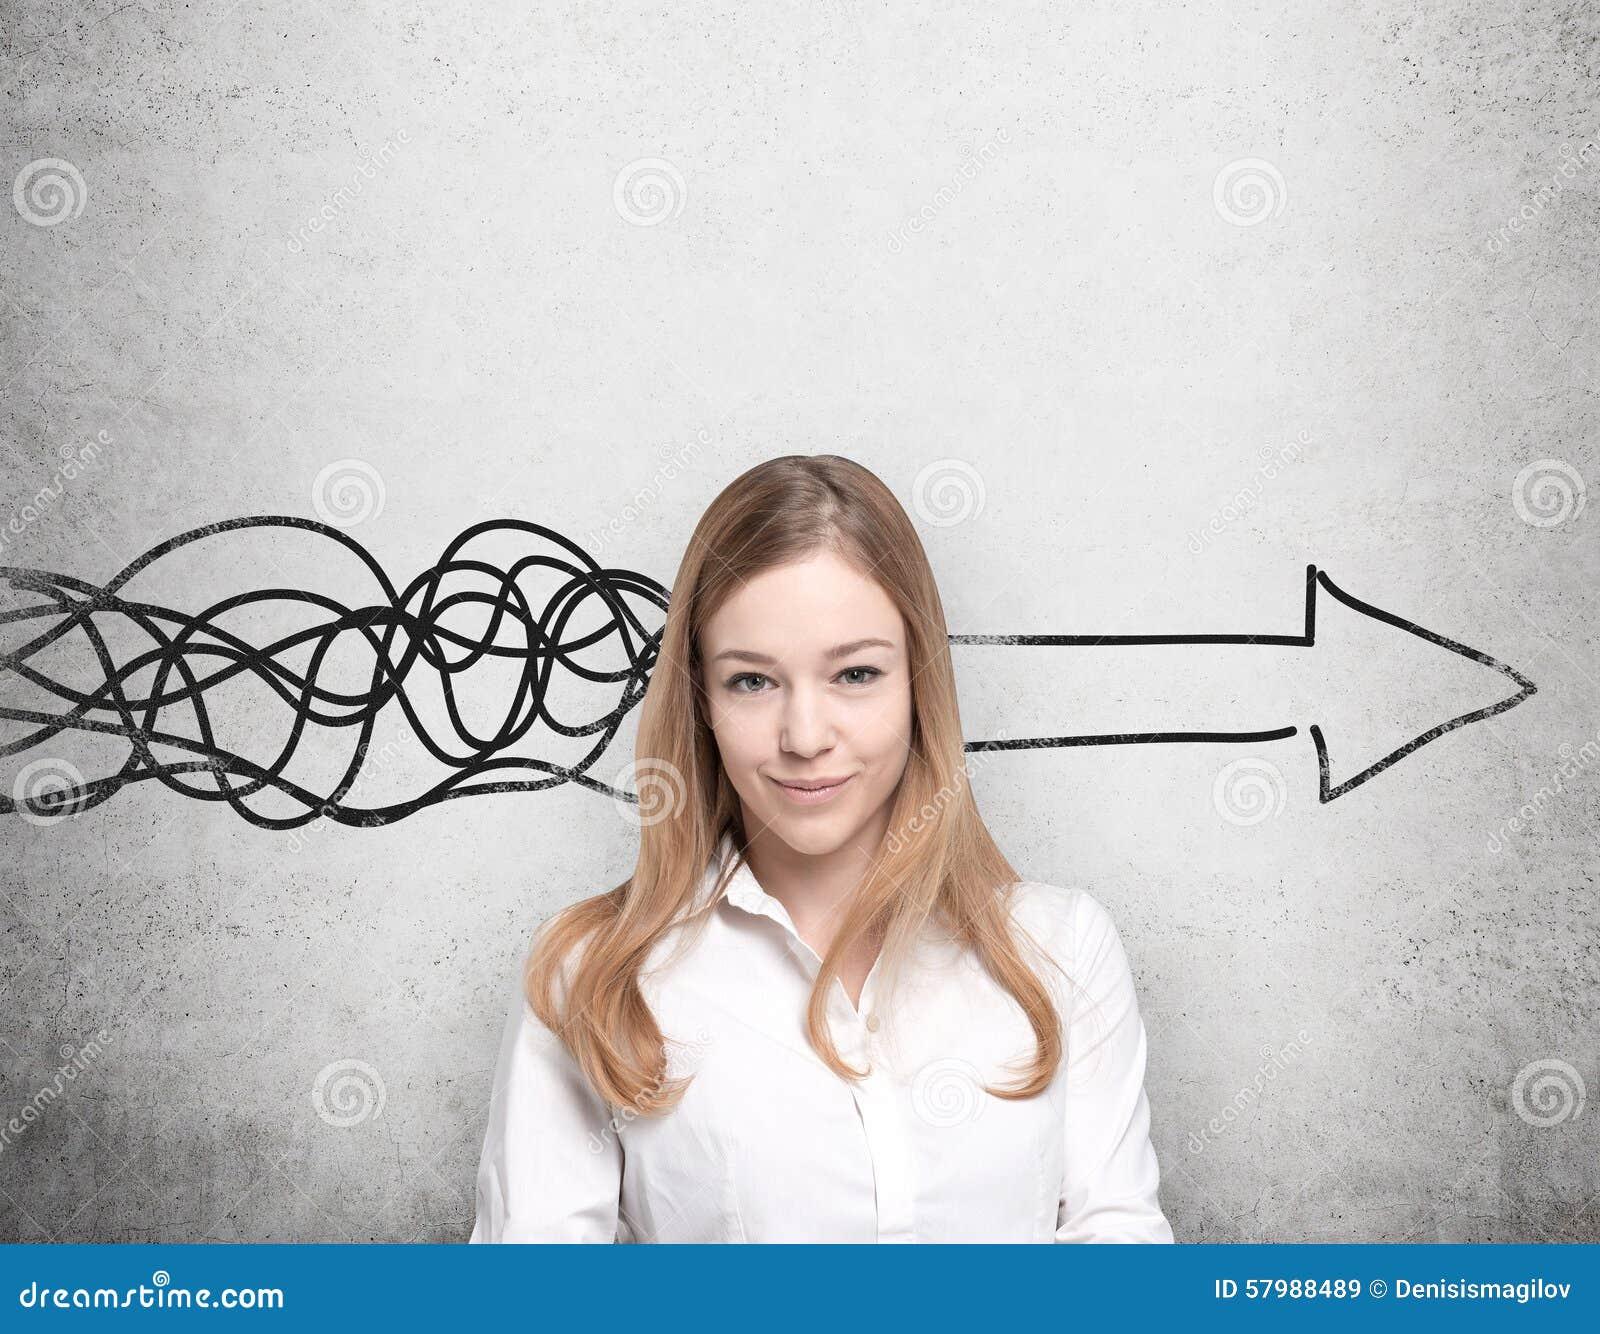 Η όμορφη γυναίκα σκέφτεται για την έννοια της ανάπτυξης επιχείρησης Ένα τεράστιο βέλος επισύρεται την προσοχή στο συμπαγή τοίχο